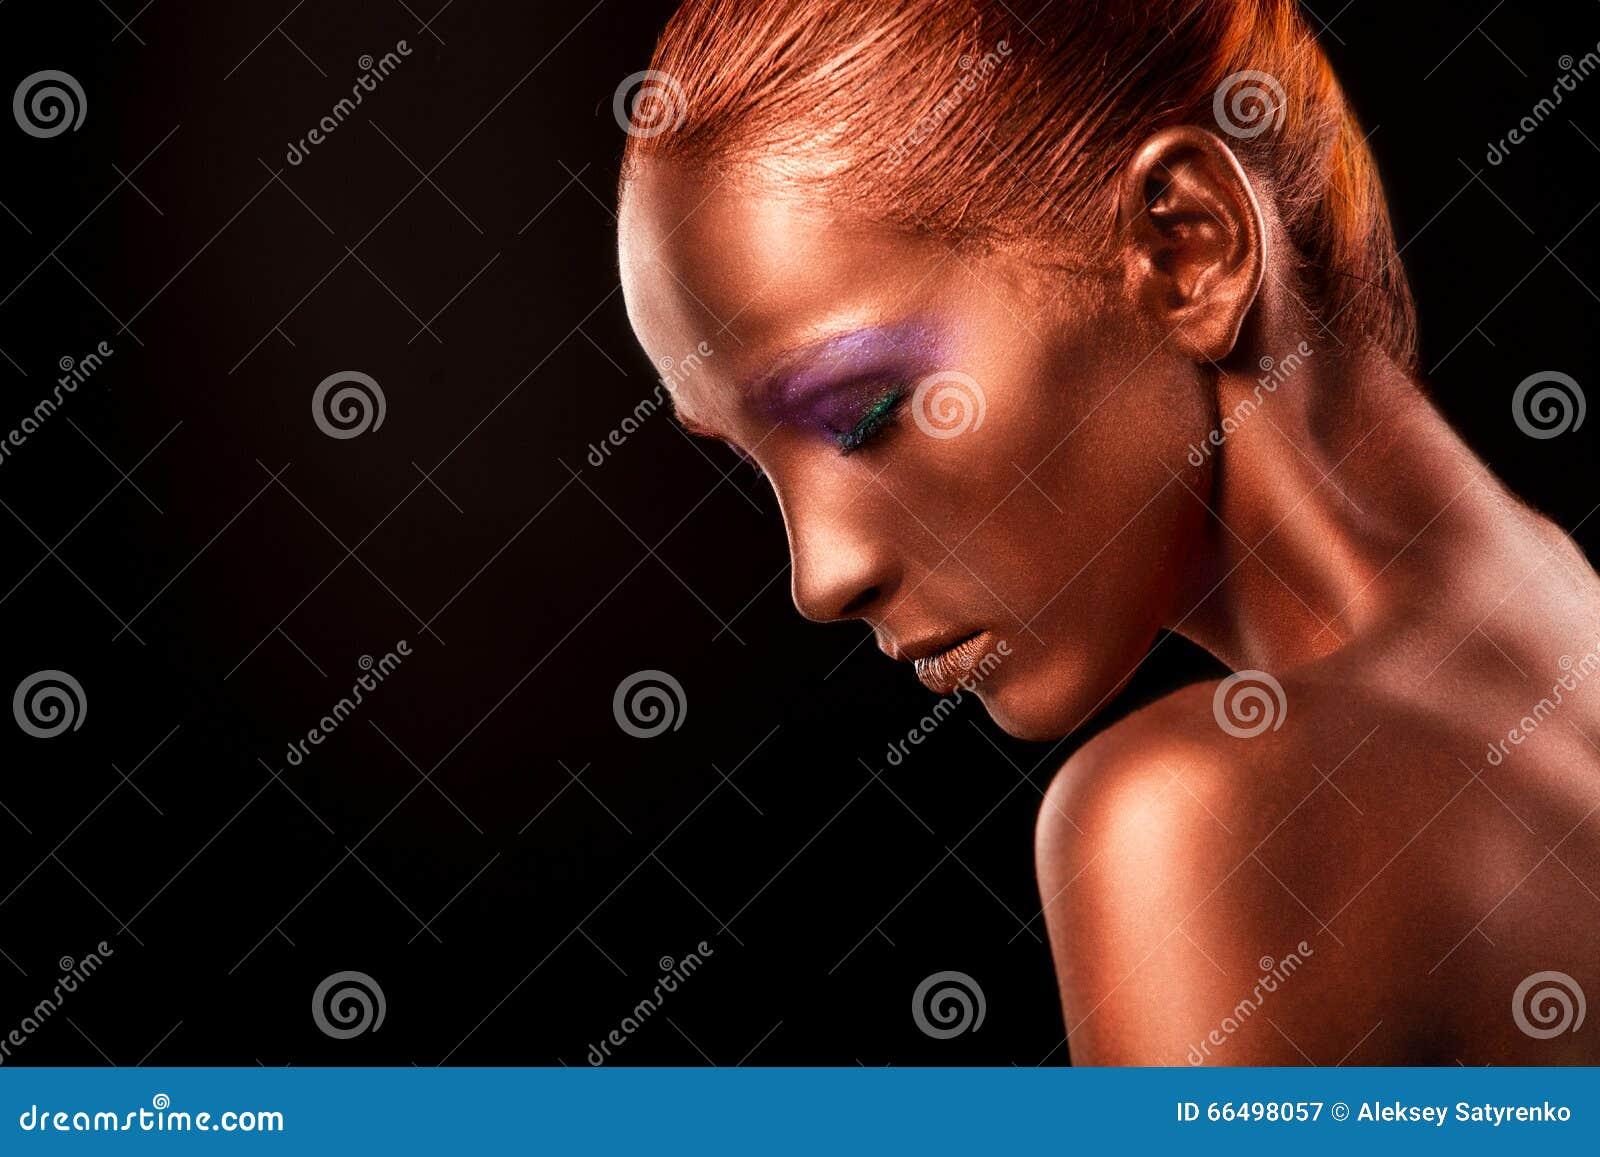 Vergoldung Das Gesichts-Nahaufnahme der goldenen Frau Futuristisches vergoldetes Make-up Gemalte Hautbronze